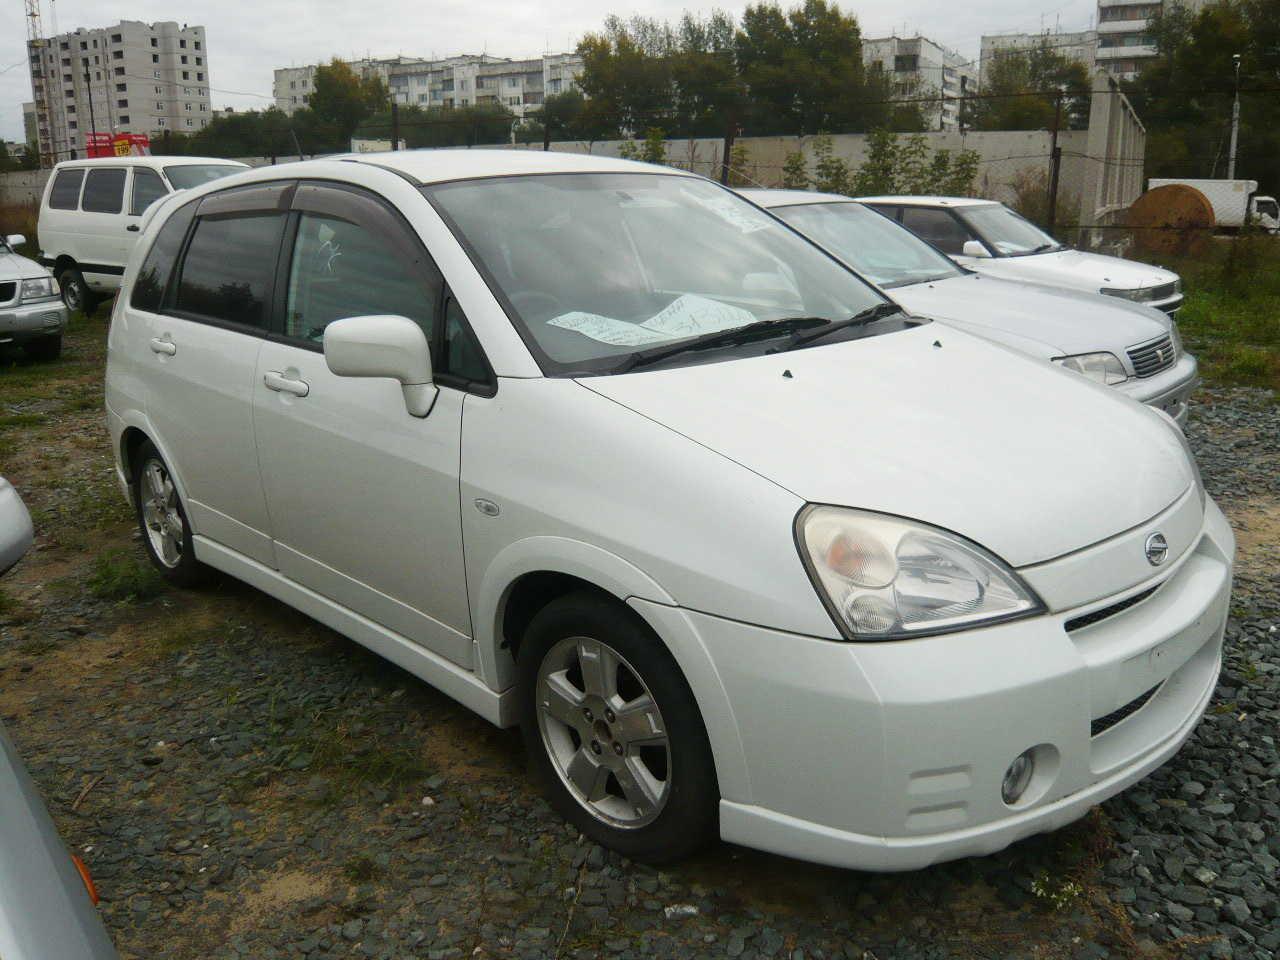 2003 Suzuki Aerio Image 5